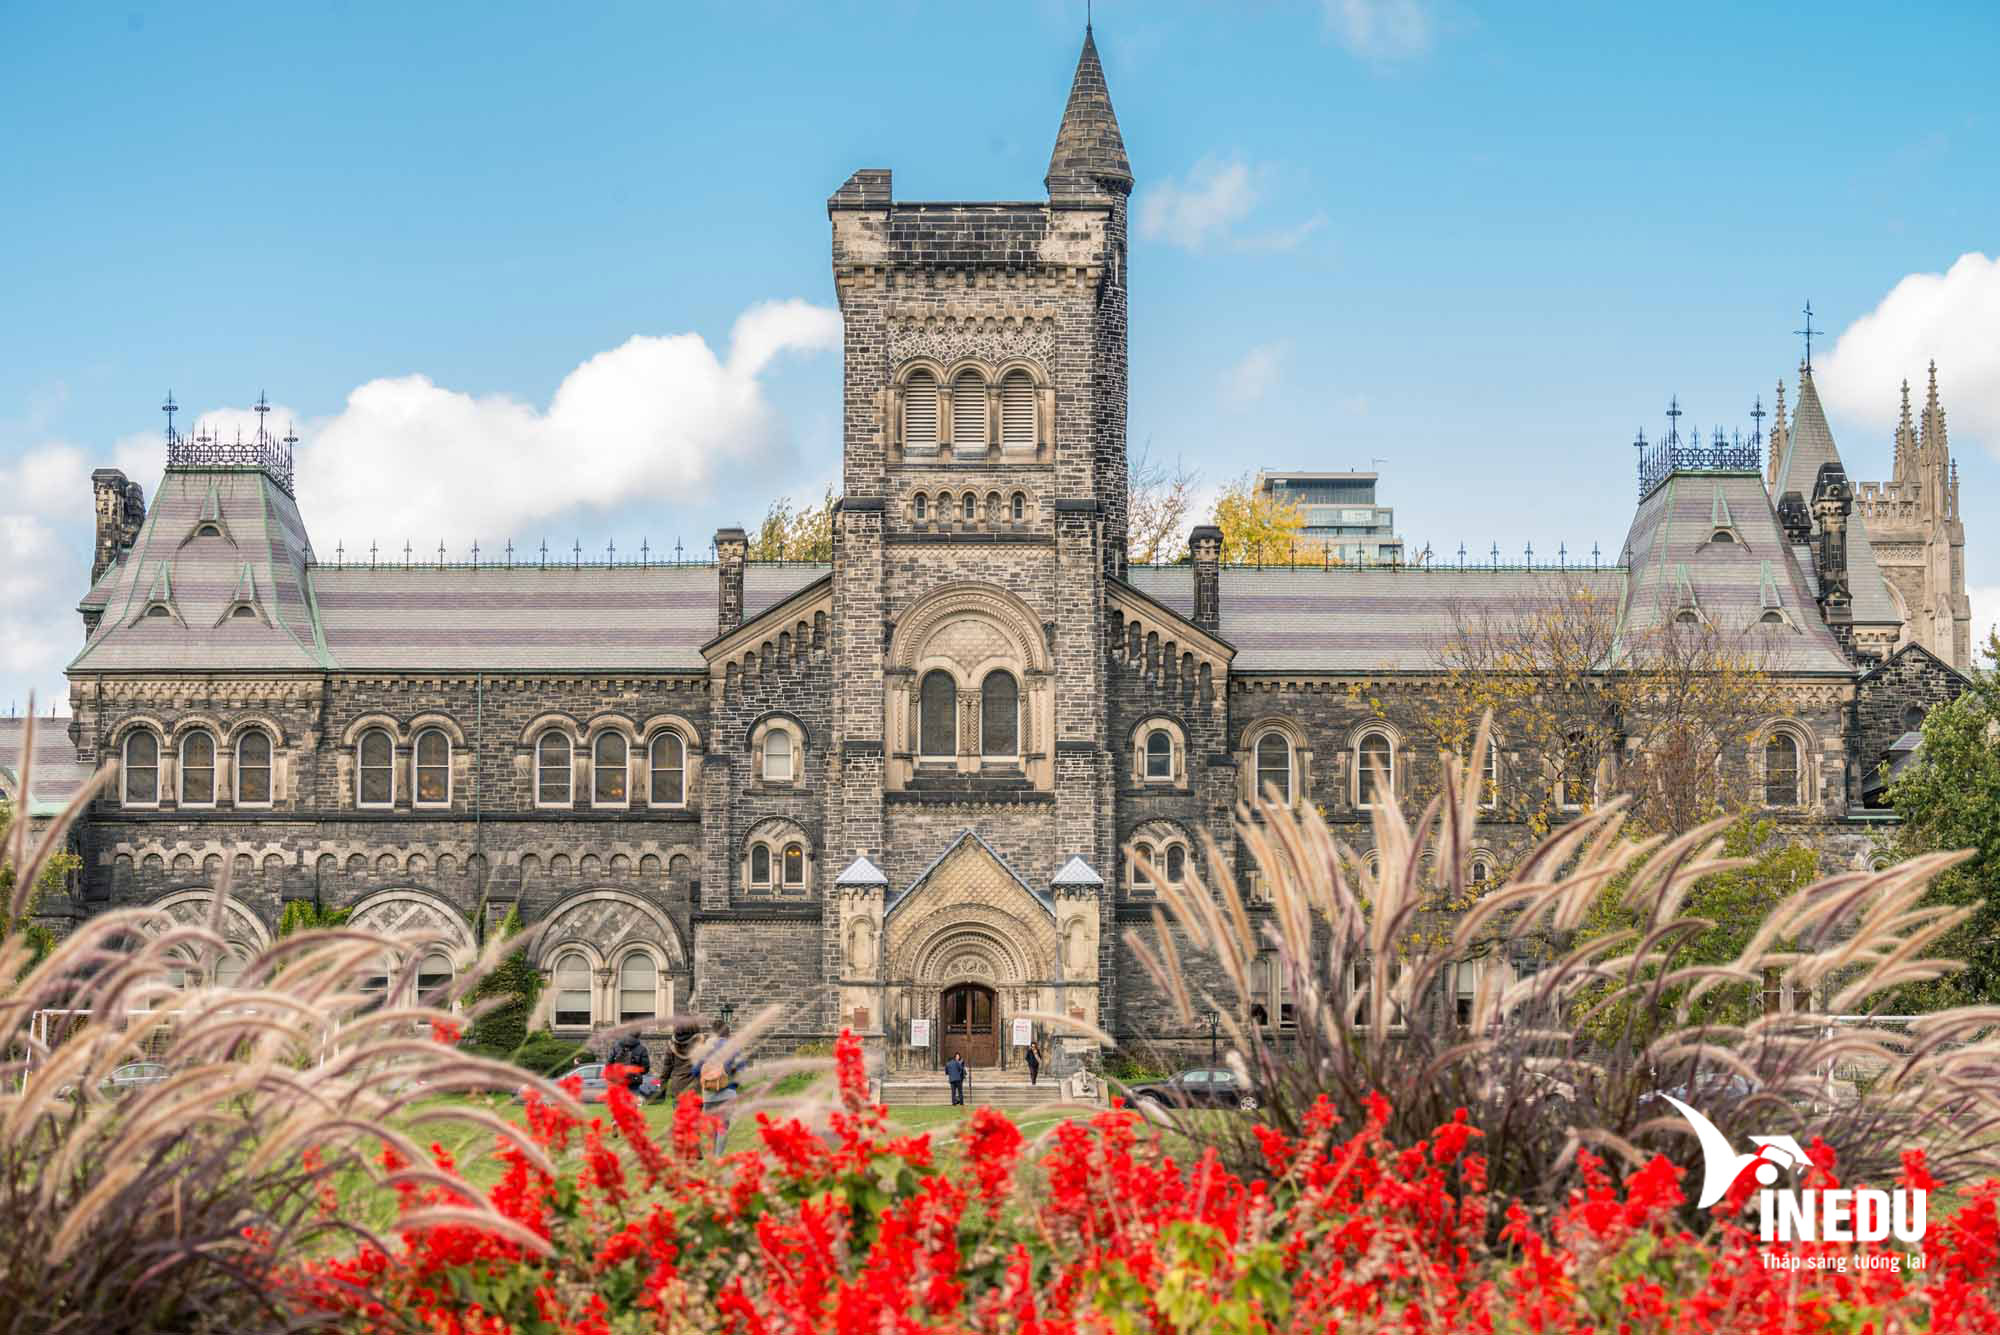 Du học dự bị đại học Canada bang Ontario ngay năm nay, đừng bỏ qua 2 trường này